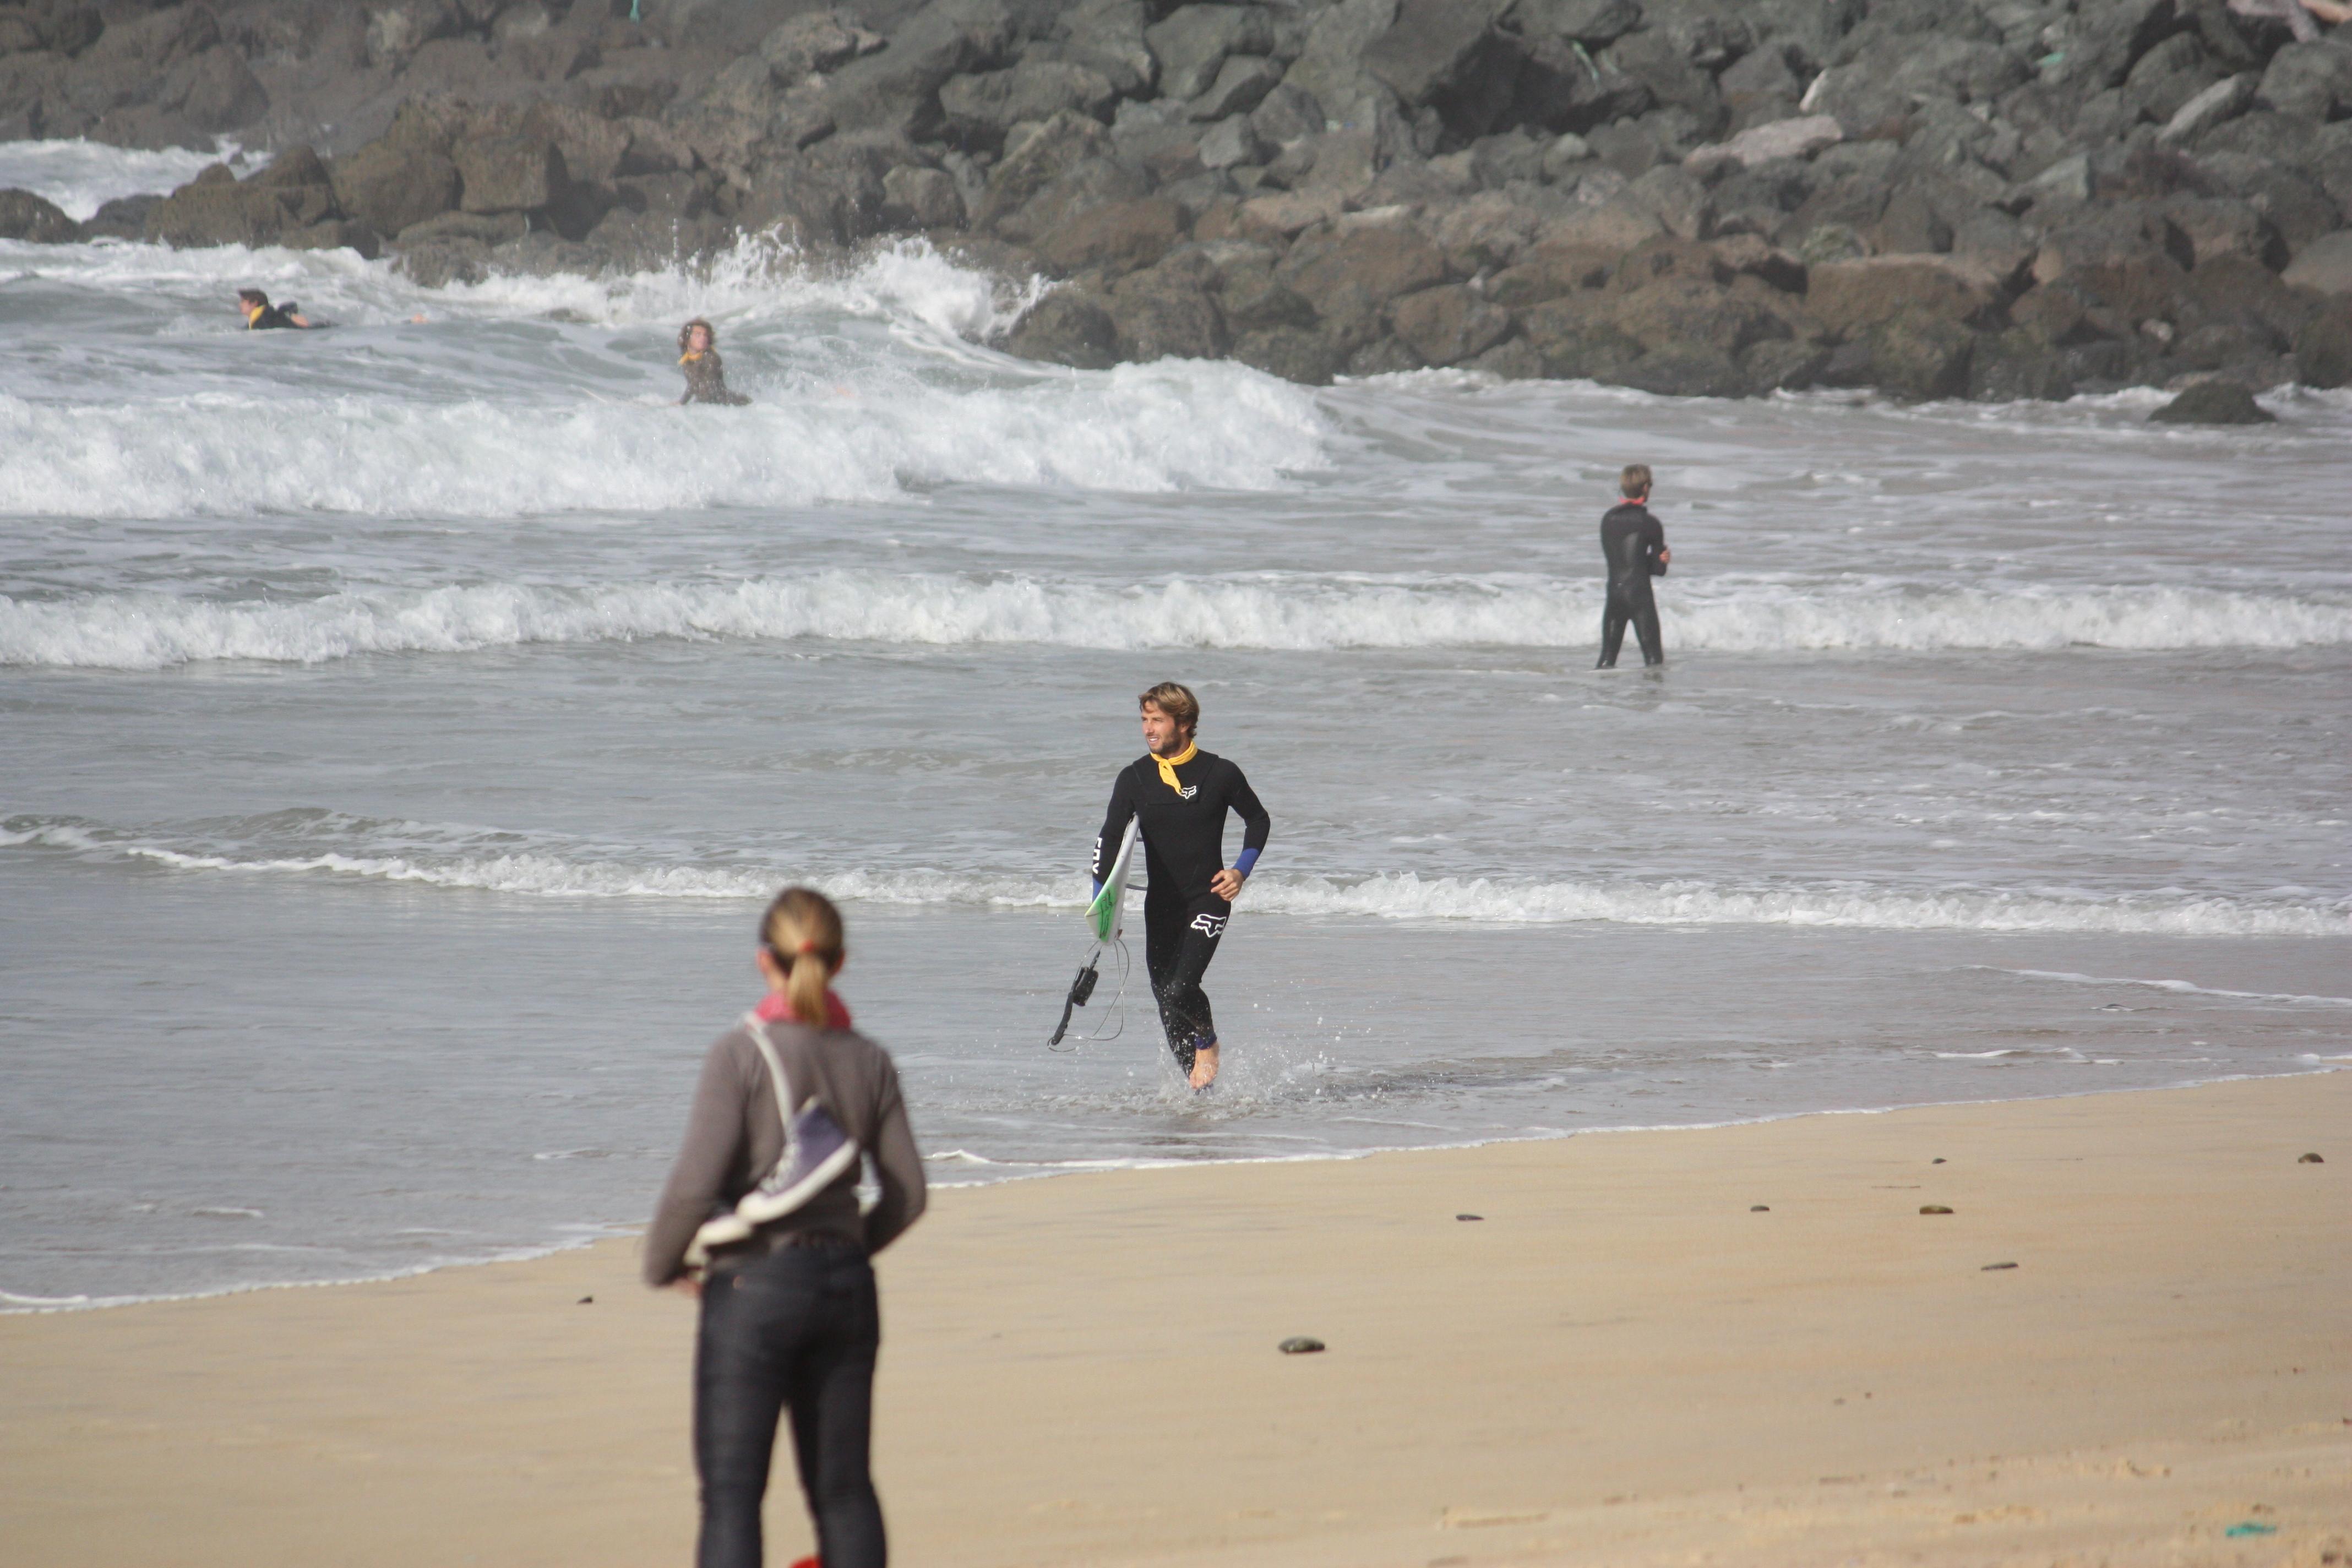 C'est pas tous les jours que l'on se met à l'eau en collant la digue. Derrière Romain Laulhé, deux participants suivent le chenal.